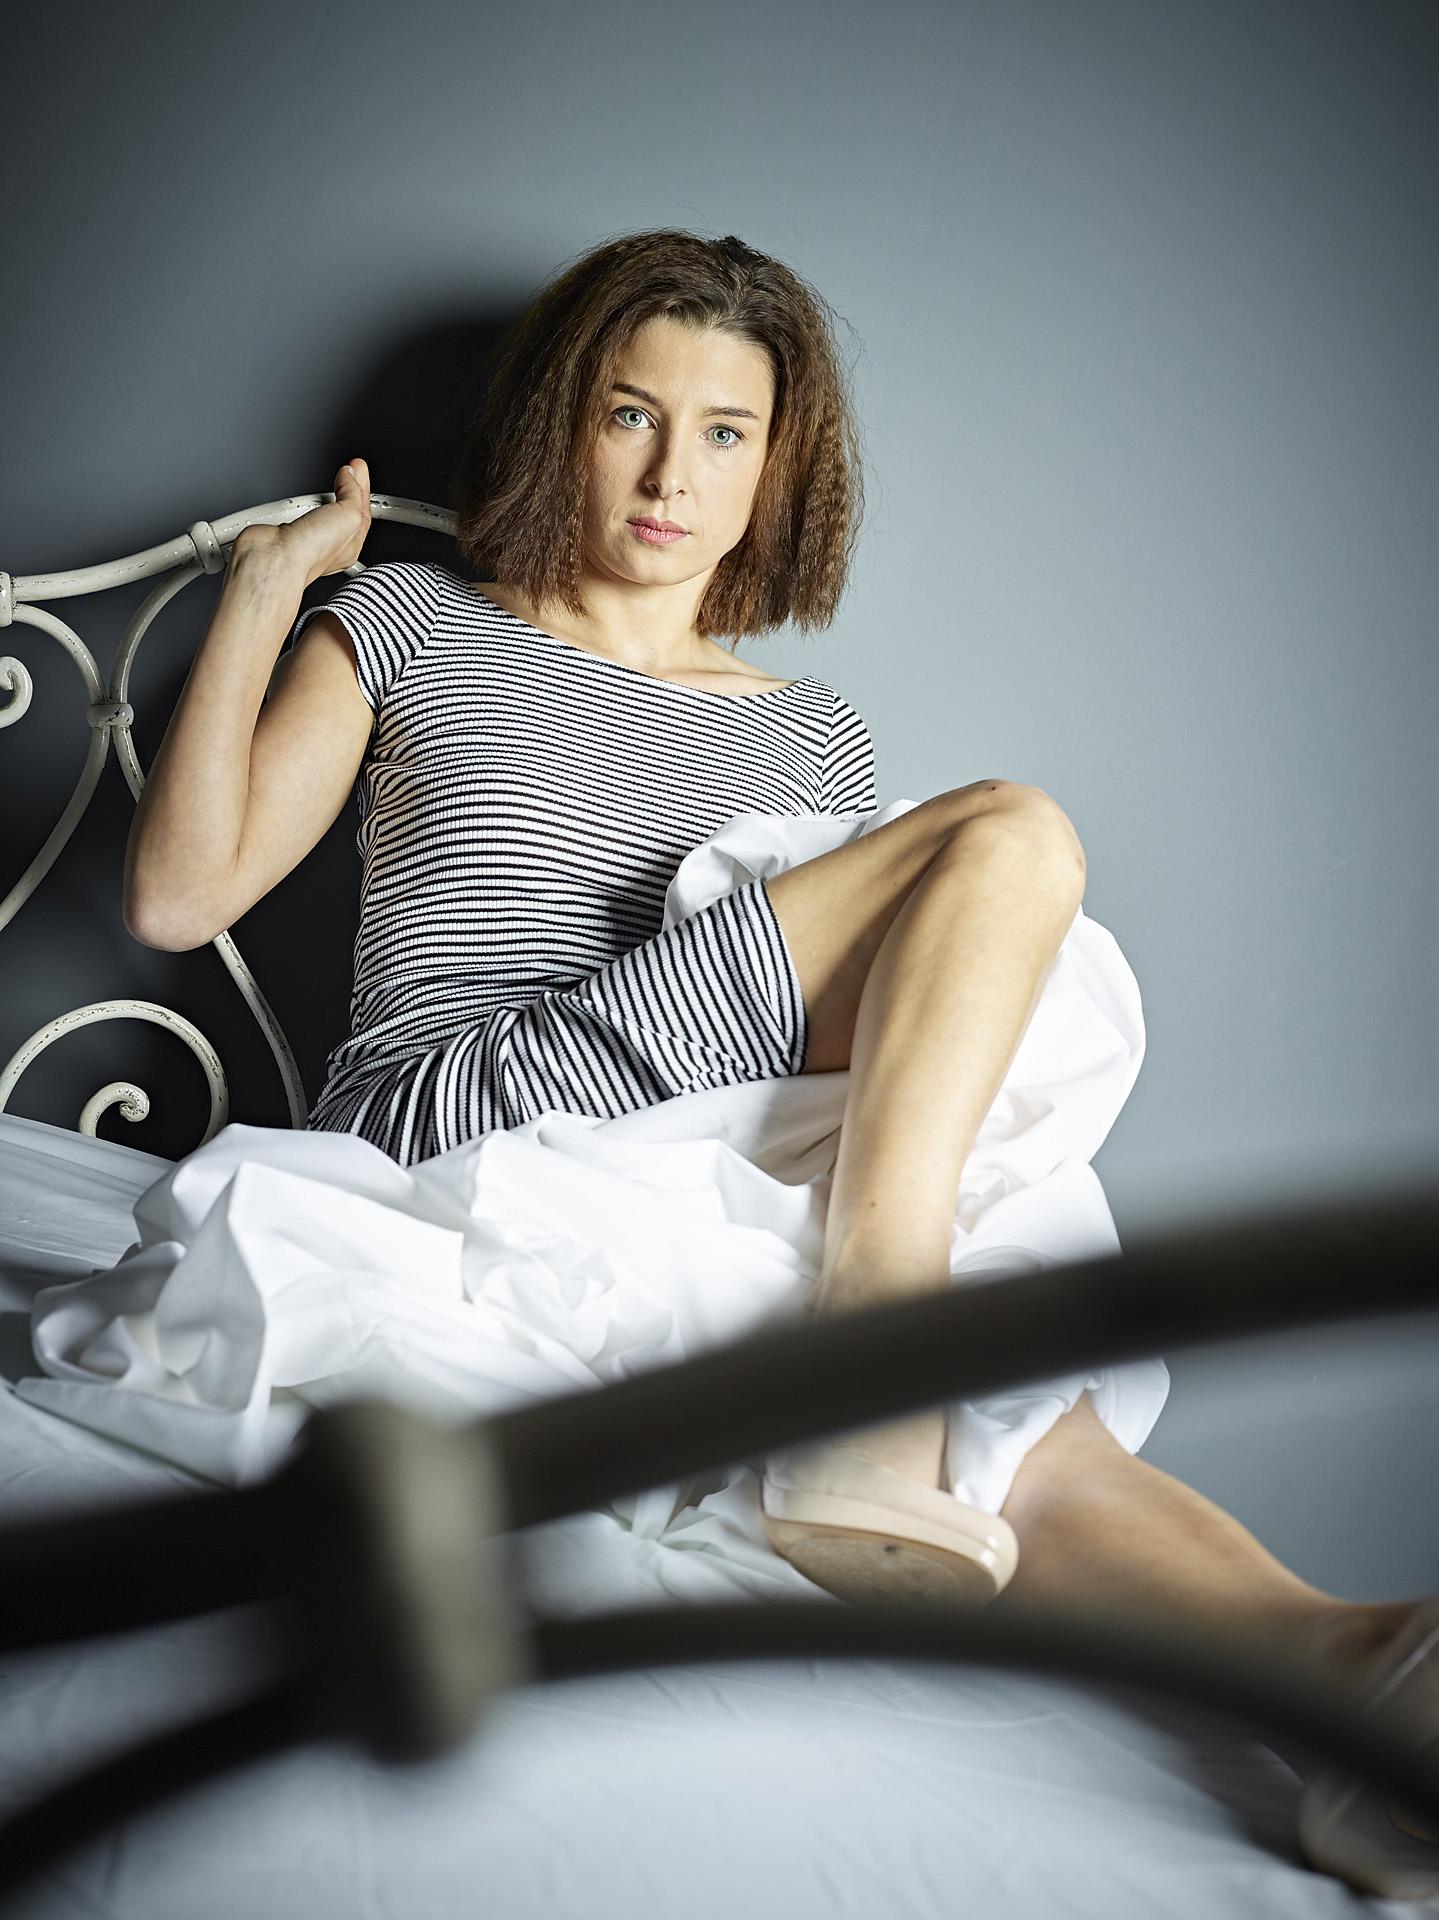 Martina Ebm  (Actress)